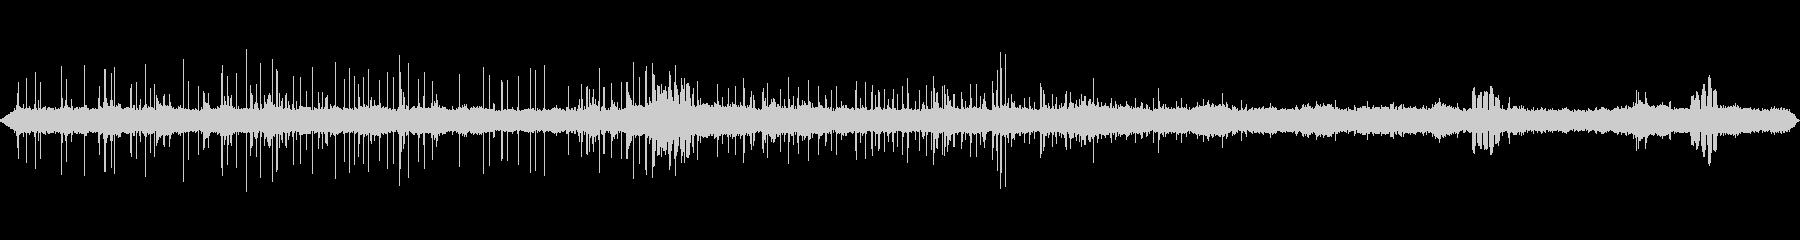 ショベルカーの音と鳥のさえずり2の未再生の波形